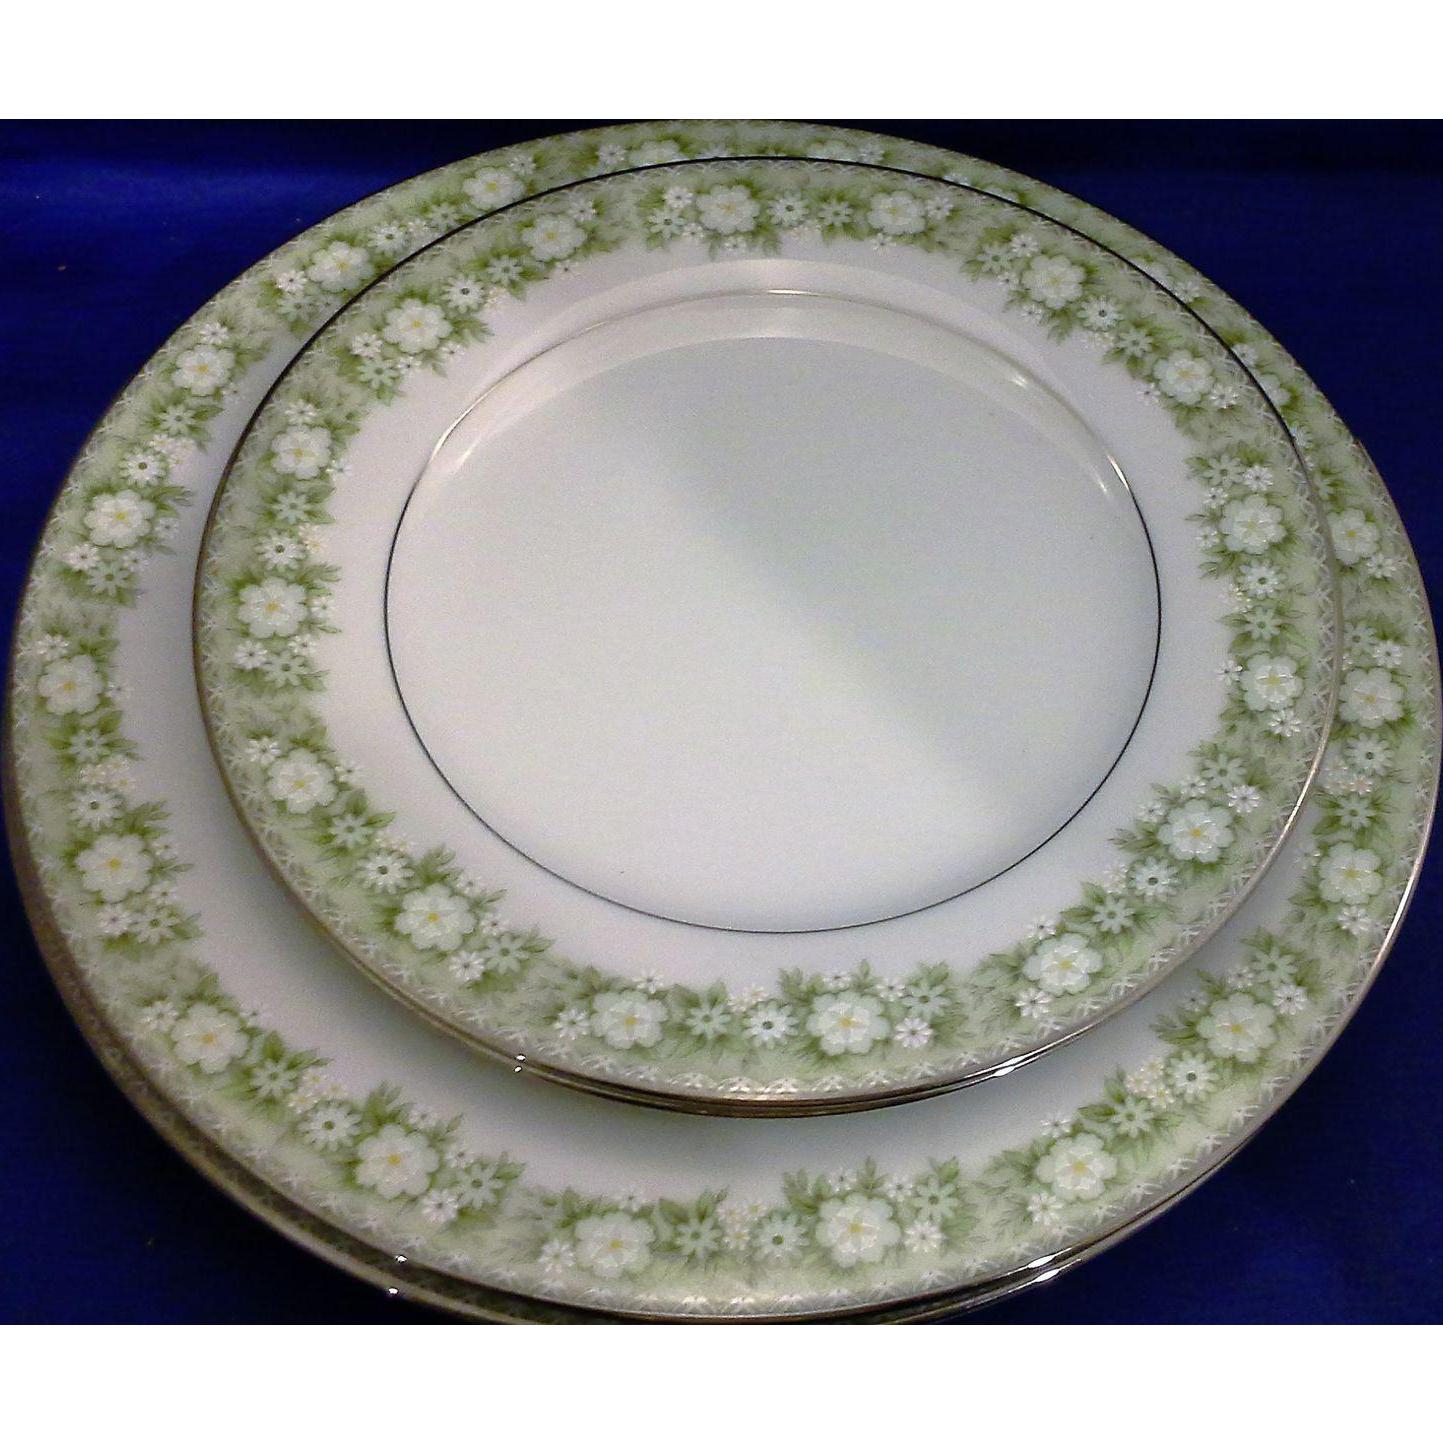 Noritake Princeton Dinner Salad Plates Green Floral